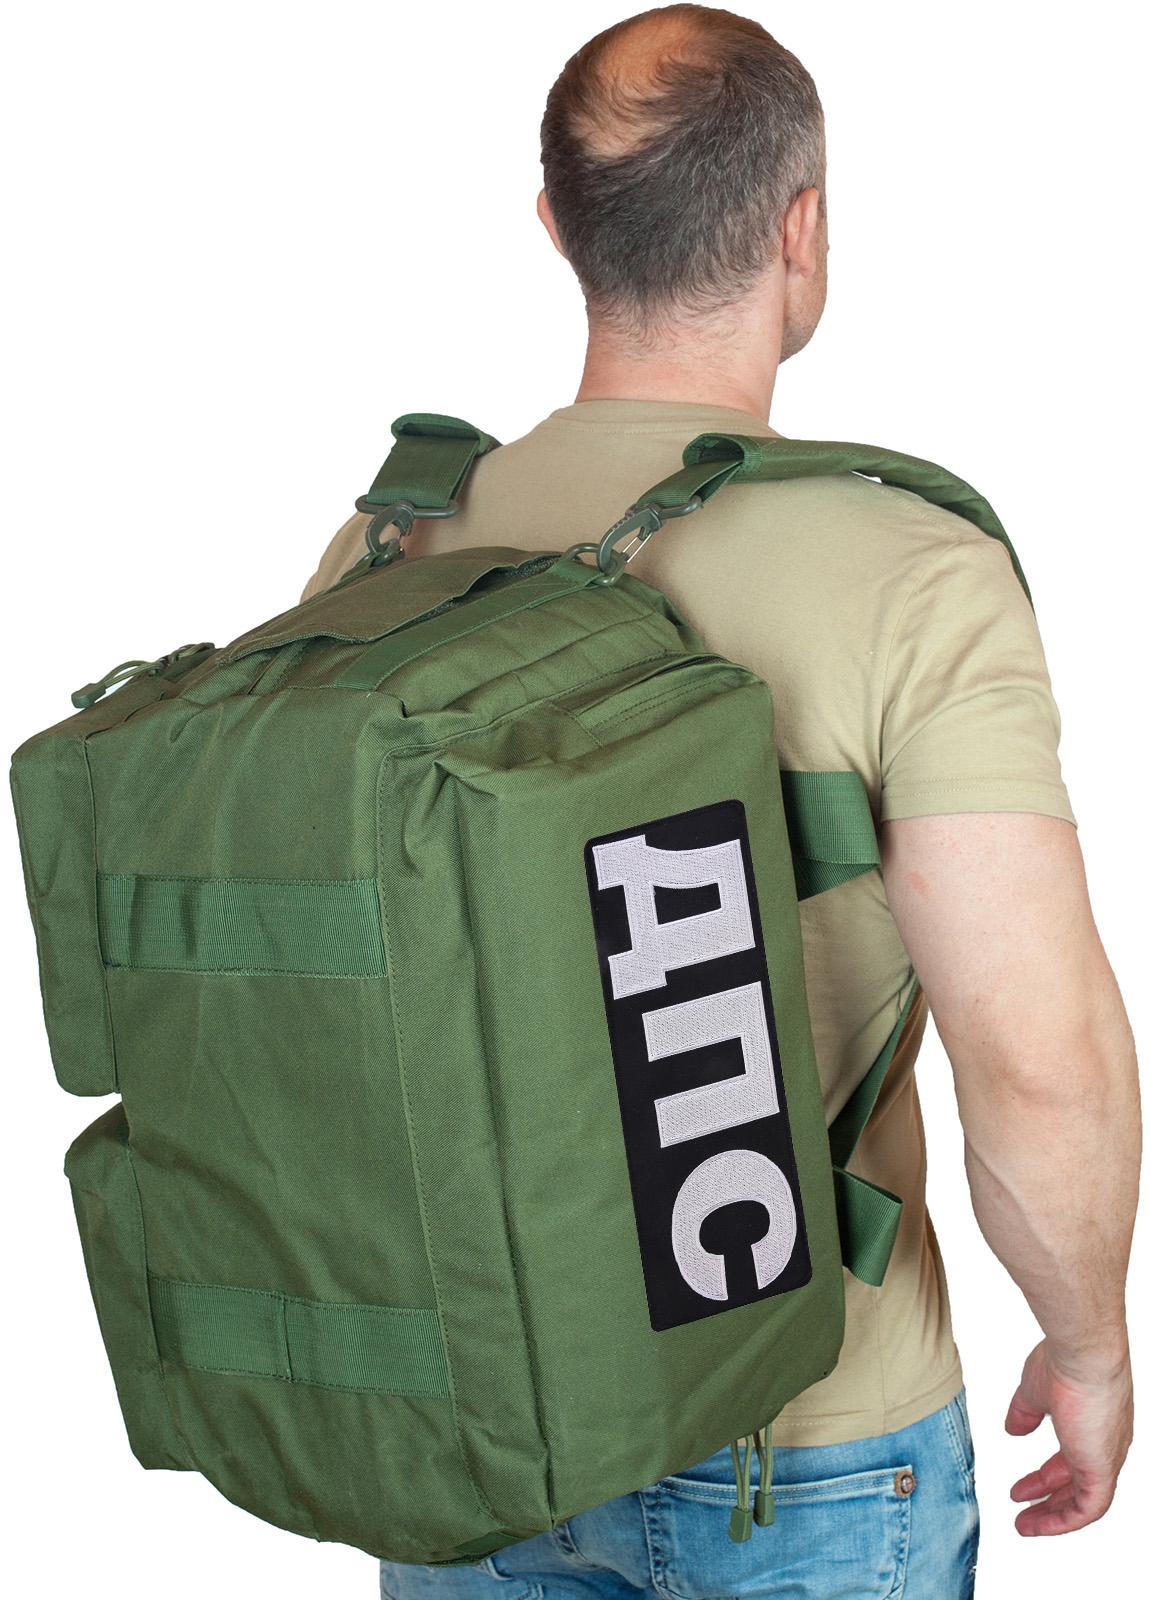 Купить заплечную тактическую сумку-рюкзак ДПС по лучшей цене онлайн